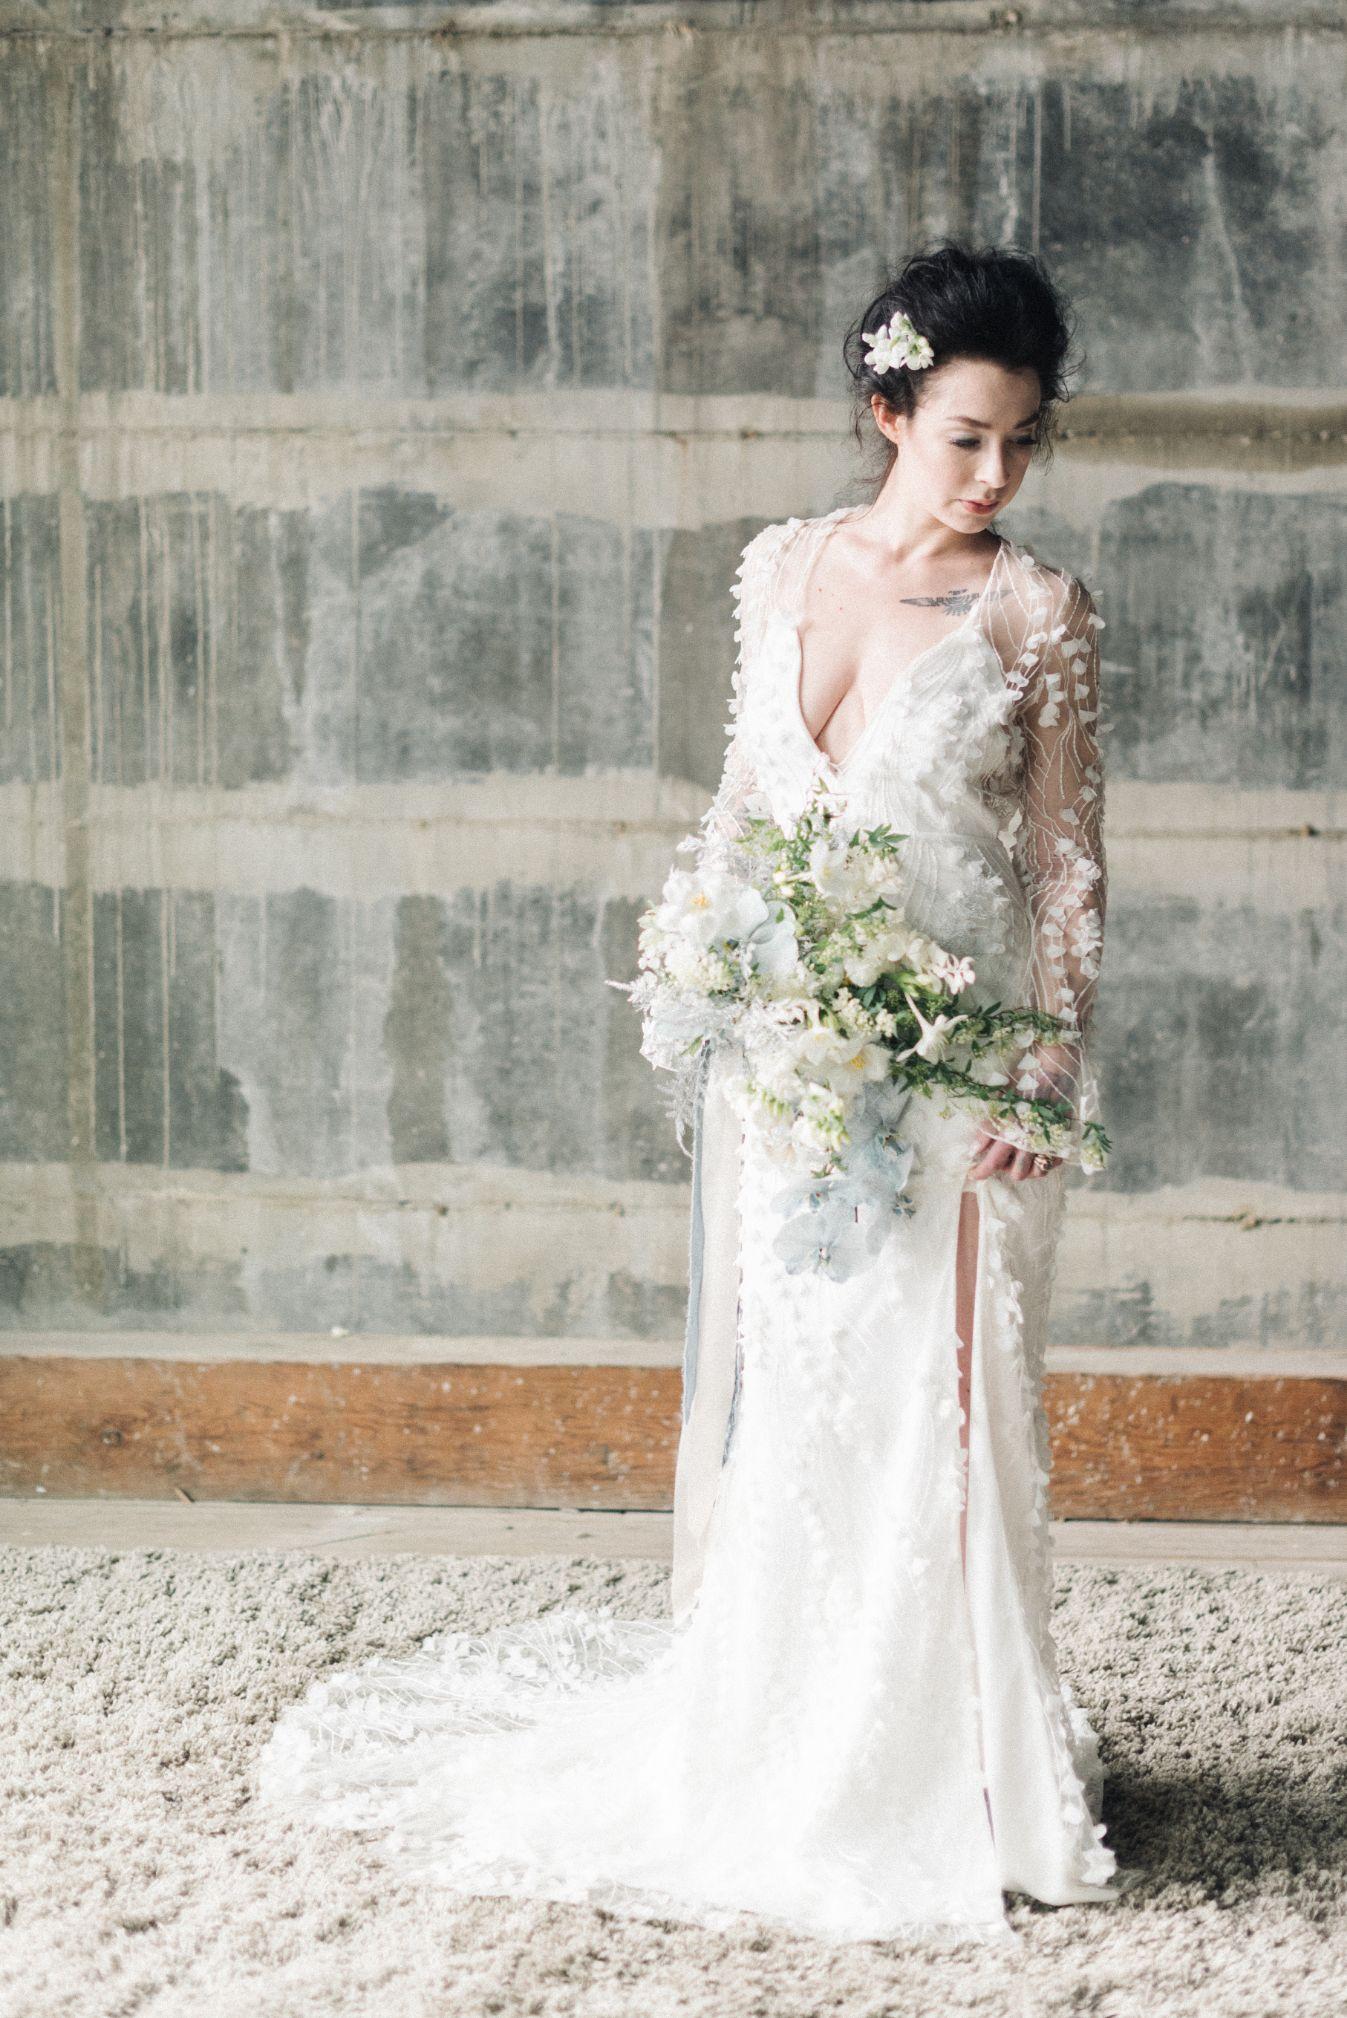 olio-peabody-boston-lesbian-wedding-style-daylynn-designs56.jpg